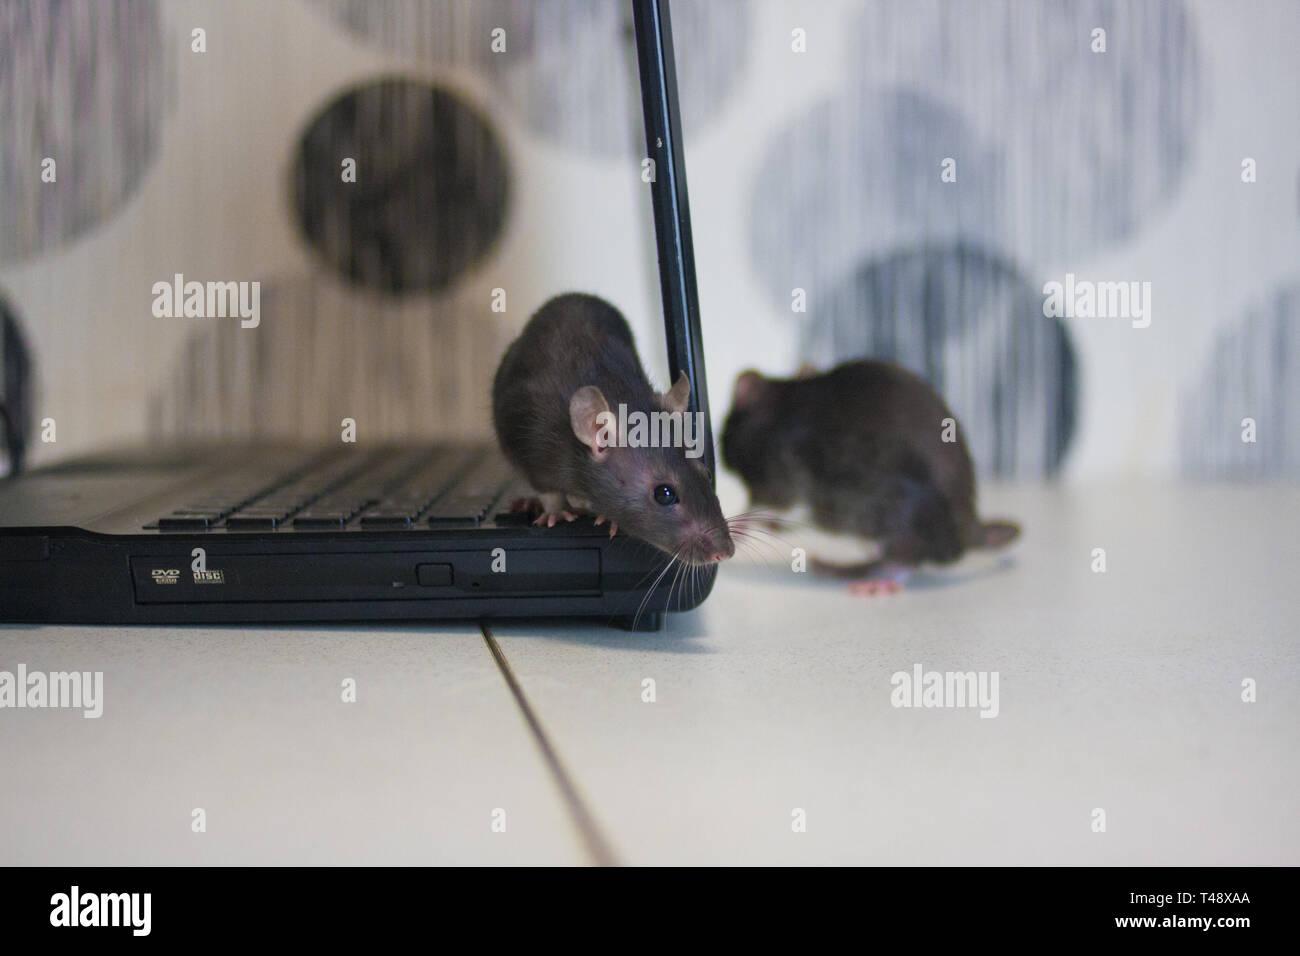 Calendario Cinese 2020.Attacco Hacker I Ratti Sono Grigio Sul Computer Simbolo